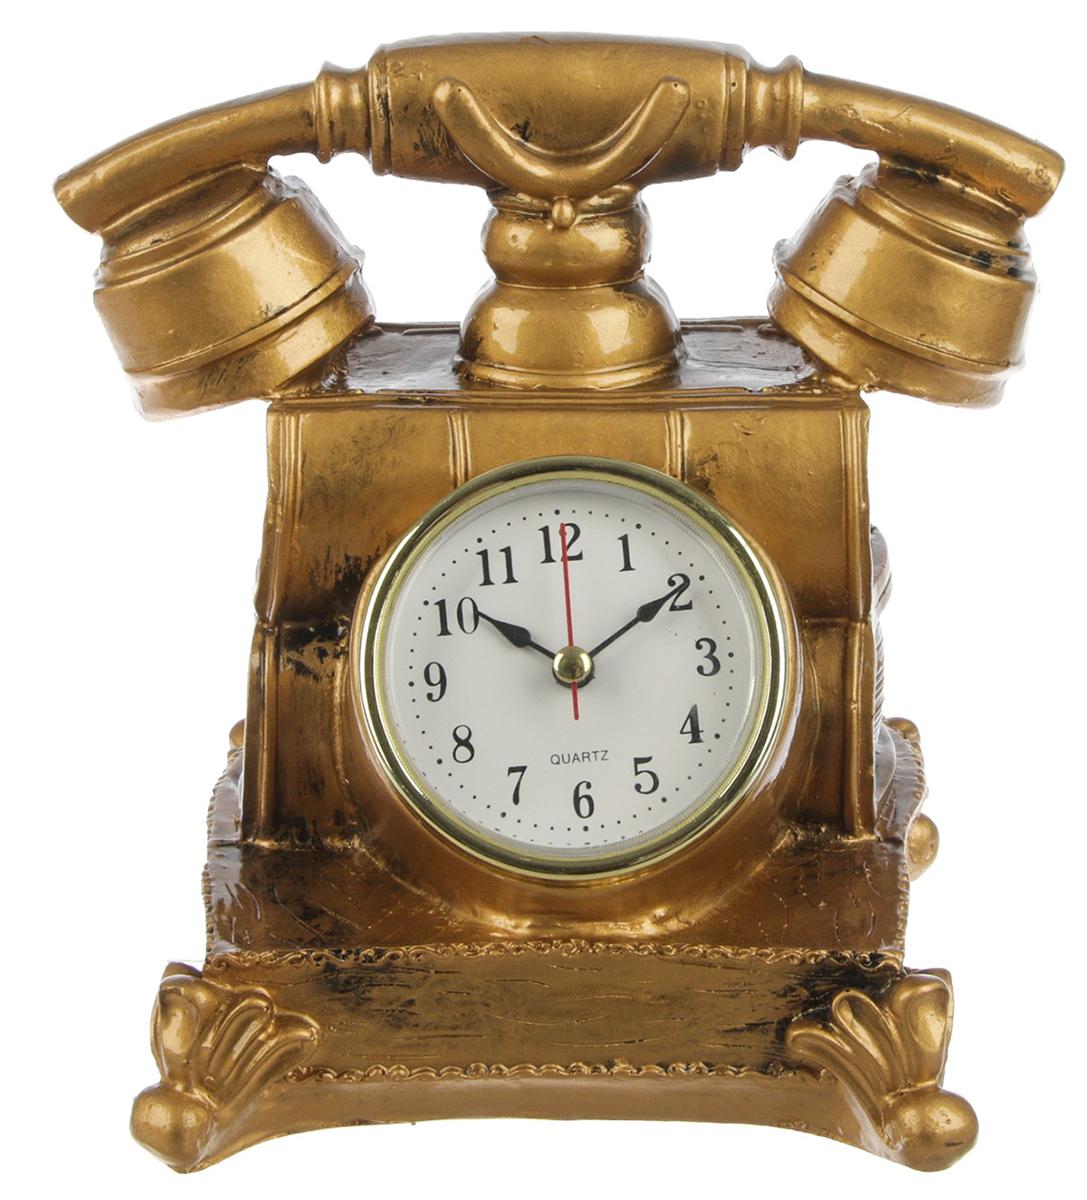 Часы настольные Ретро-телефон, 13 х 15,5 см. 27704182770418Каждому хозяину периодически приходит мысль обновить свою квартиру, сделать ремонт, перестановку или кардинально поменять внешний вид каждой комнаты. — привлекательная деталь, которая поможет воплотить вашу интерьерную идею, создать неповторимую атмосферу в вашем доме. Окружите себя приятными мелочами, пусть они радуют глаз и дарят гармонию.